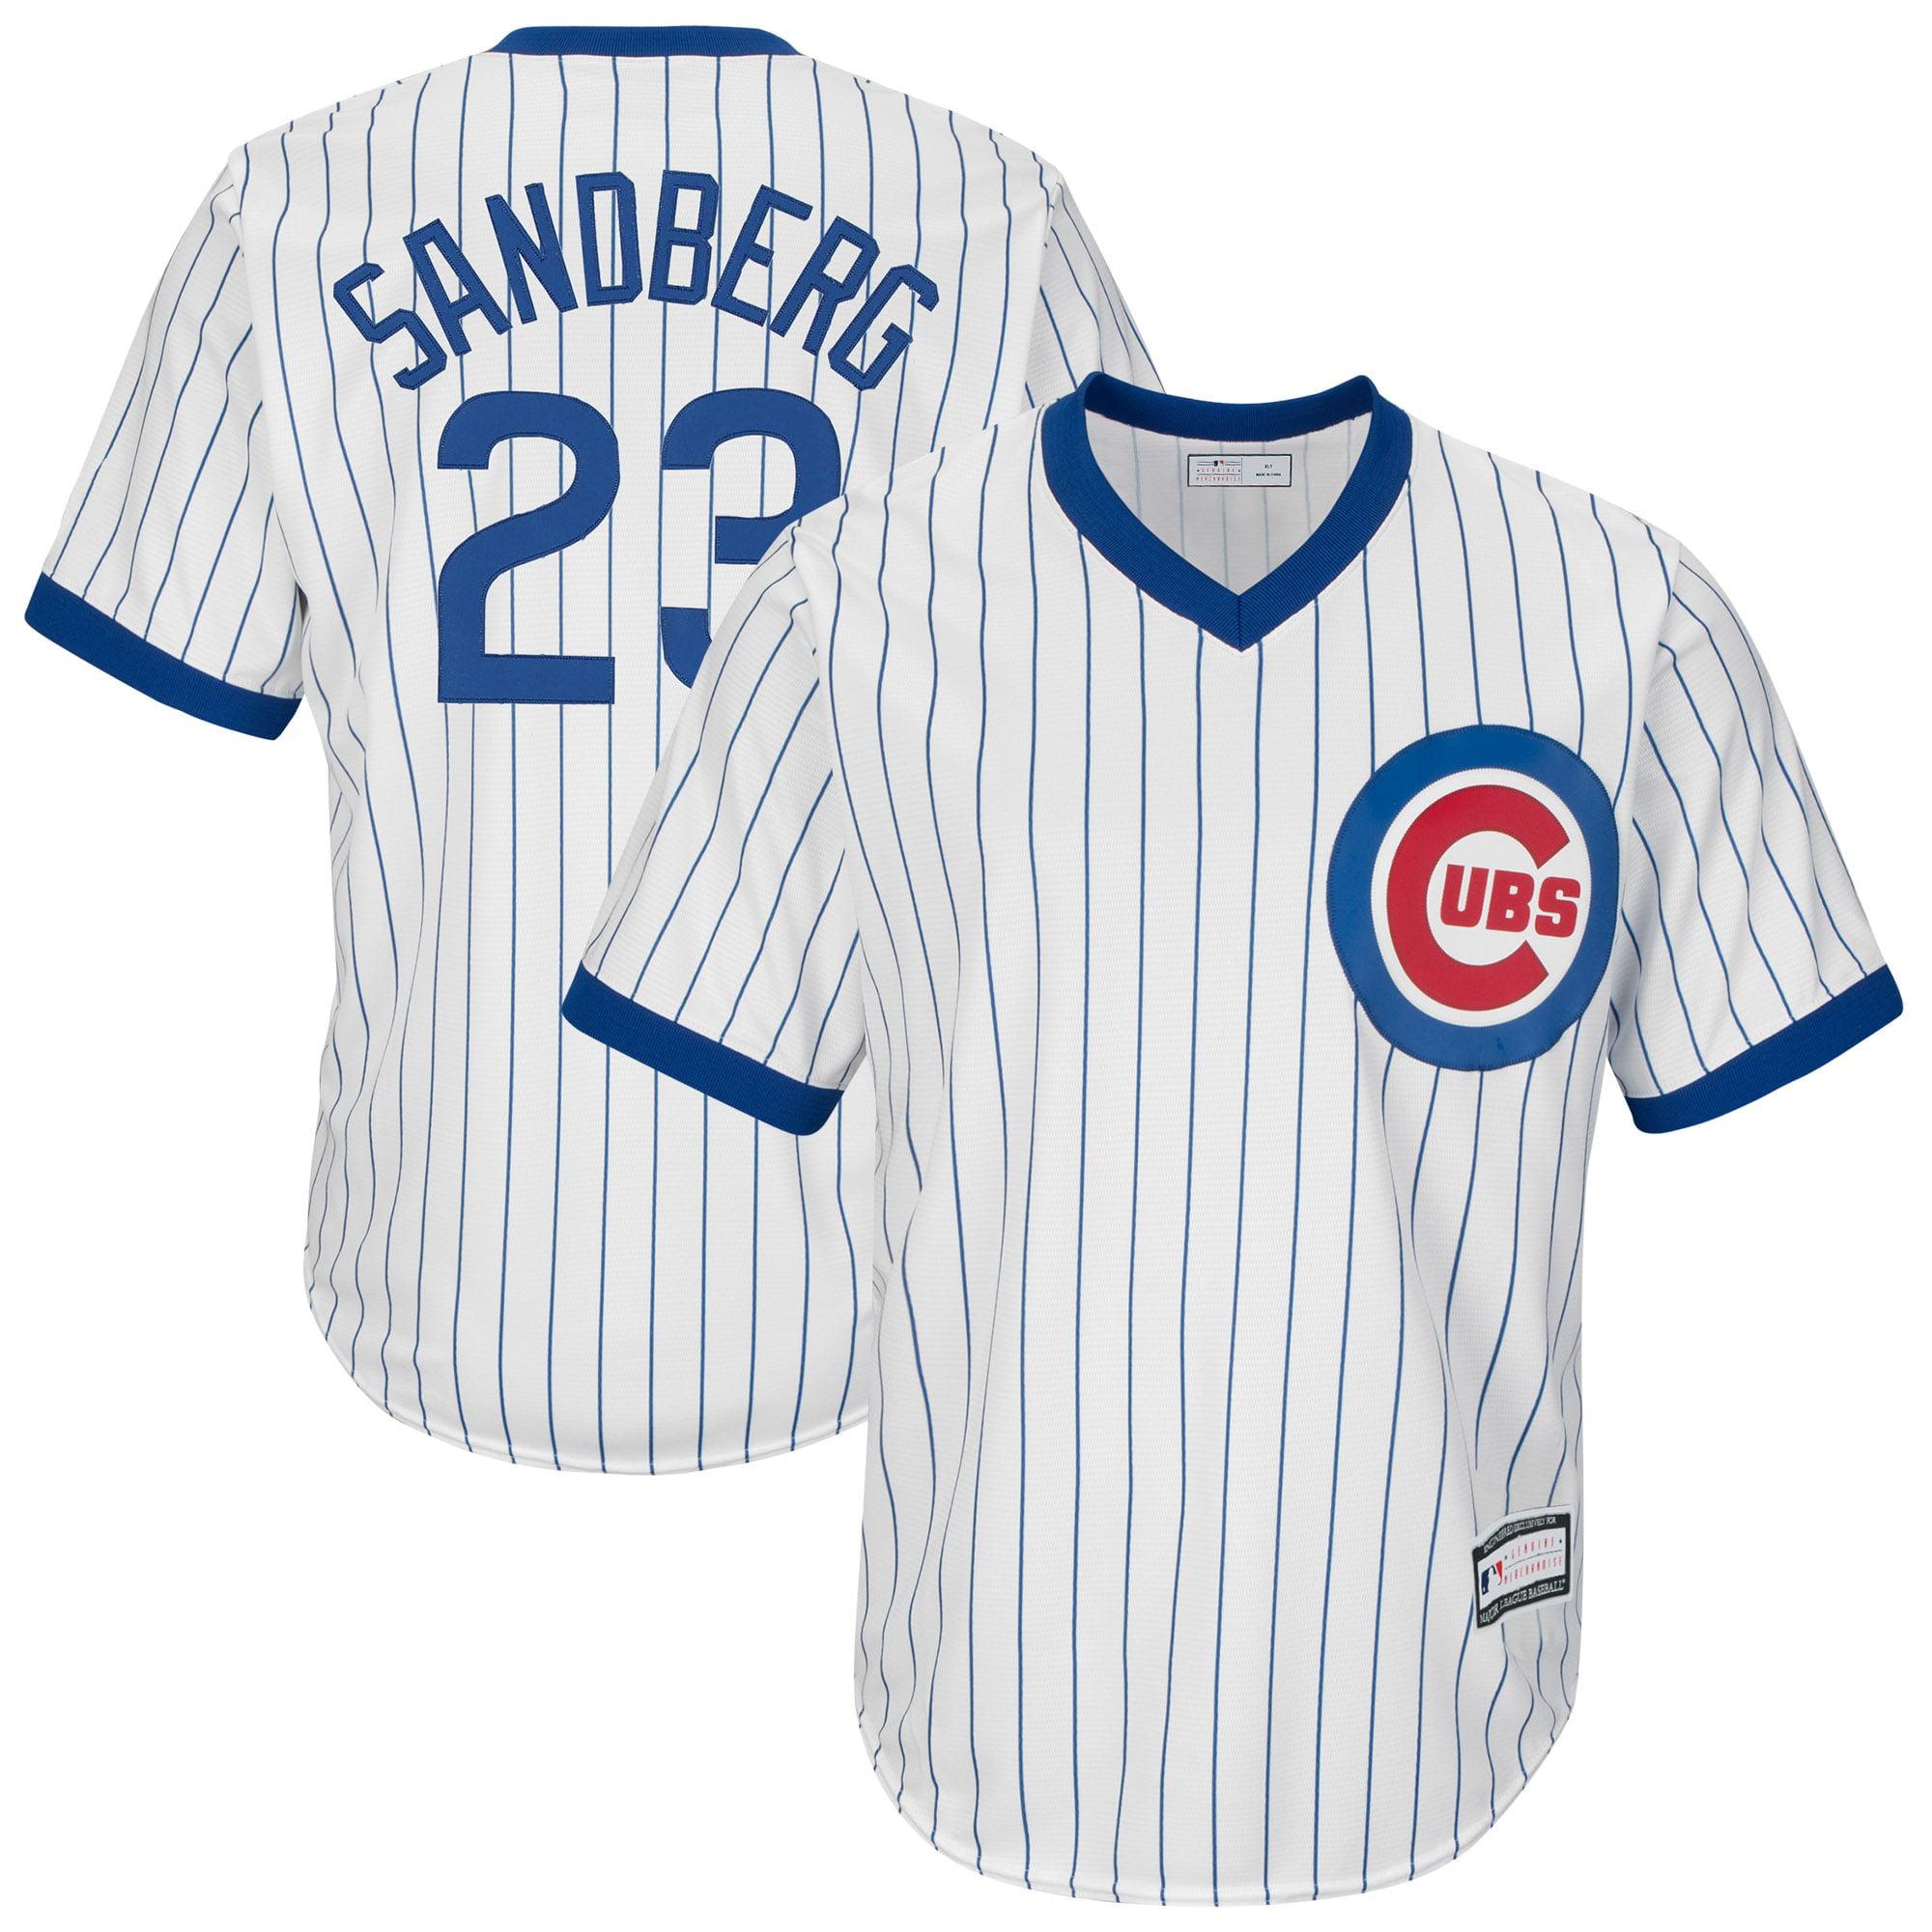 Ryne Sandberg Chicago Cubs Home